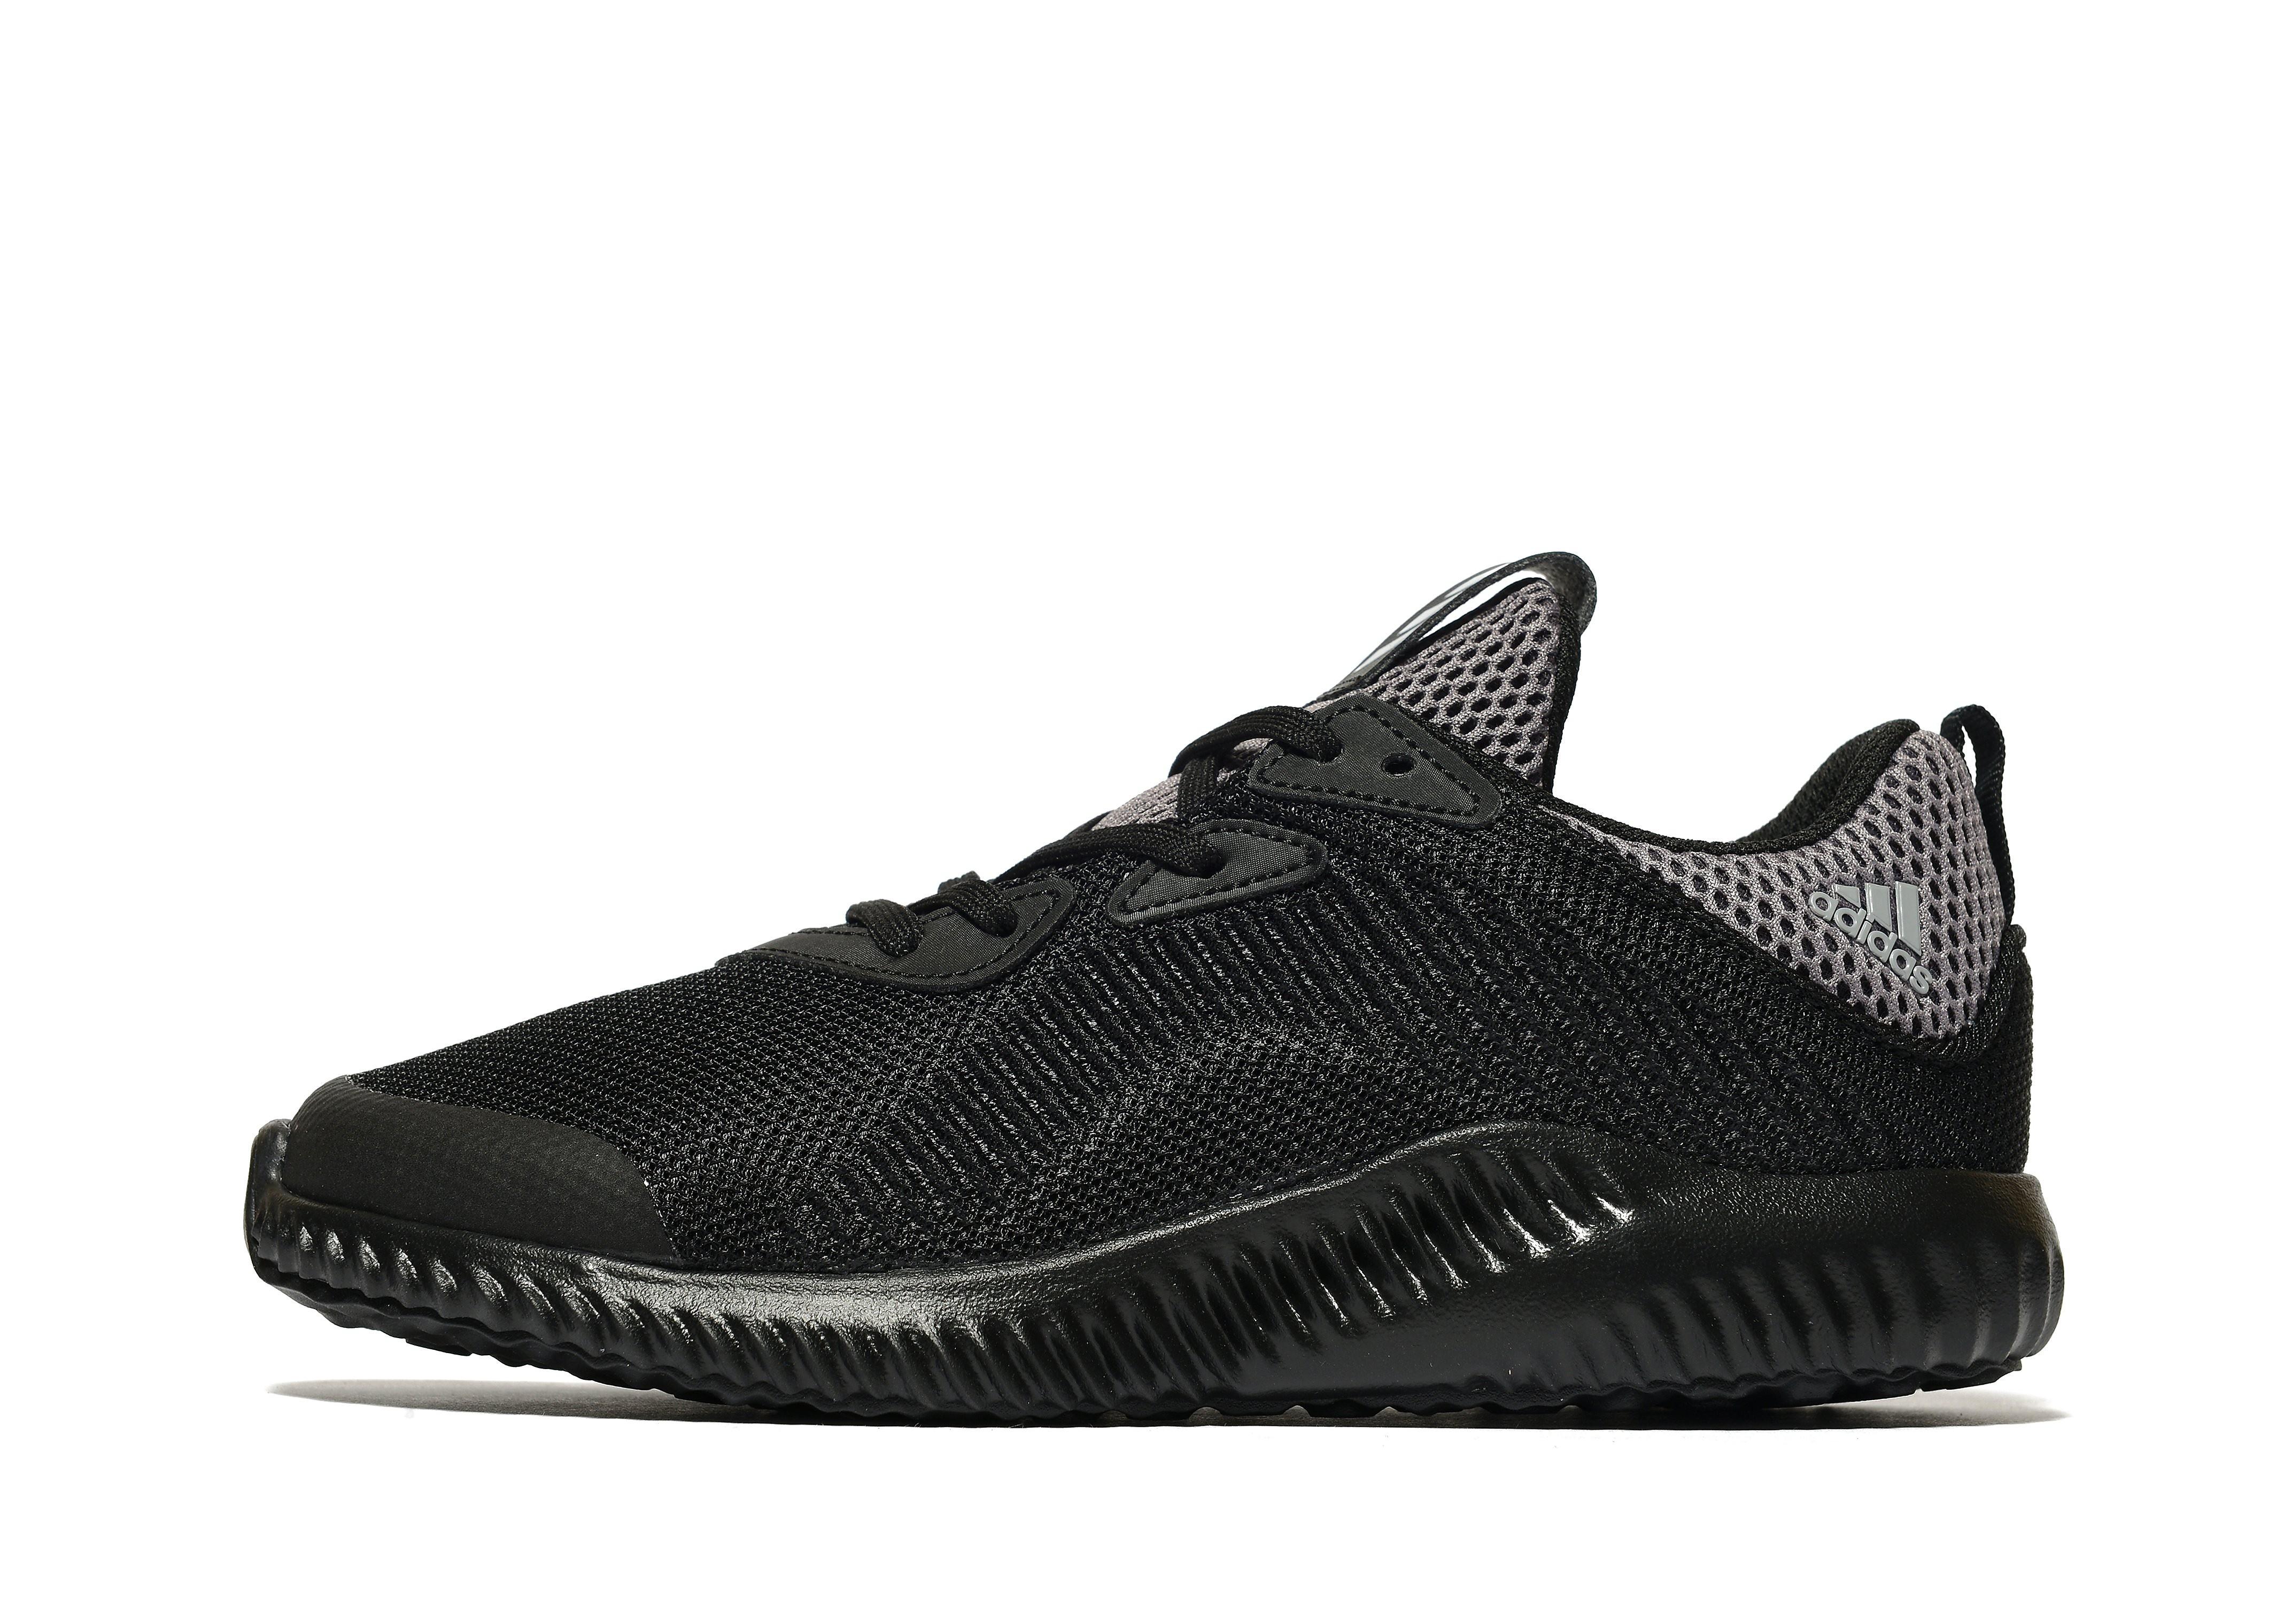 Image de adidas Alphabounce Enfants - Black/Grey, Black/Grey